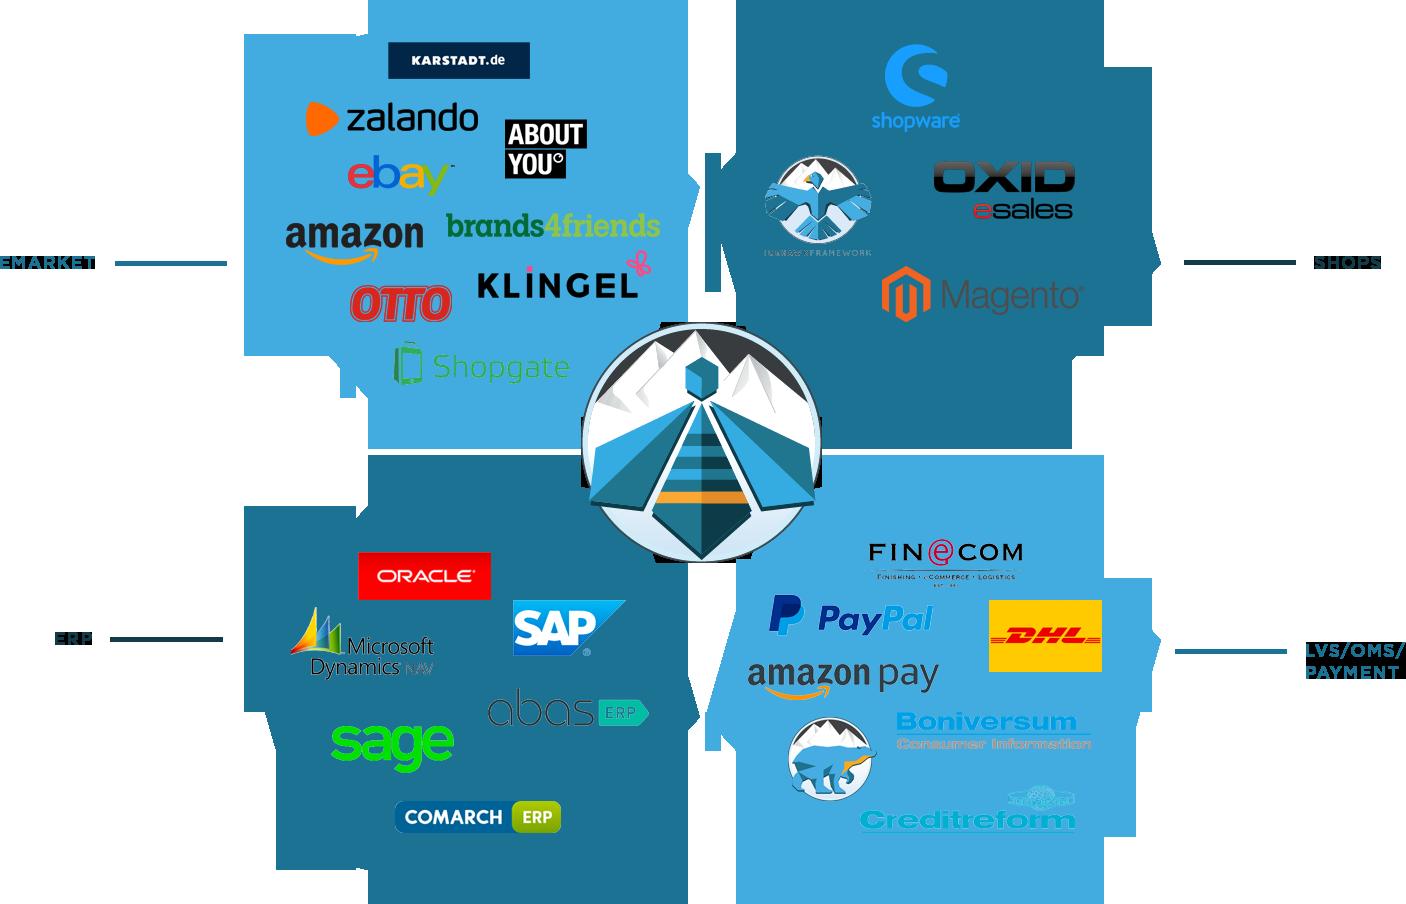 PIM - Marktplatz - Portal - Anbindung - Omni Channel - Zalando Partnerprogramm - OSS - DOSS - Click & Collect - SAAS - Enterprise Cloud System - Cloud